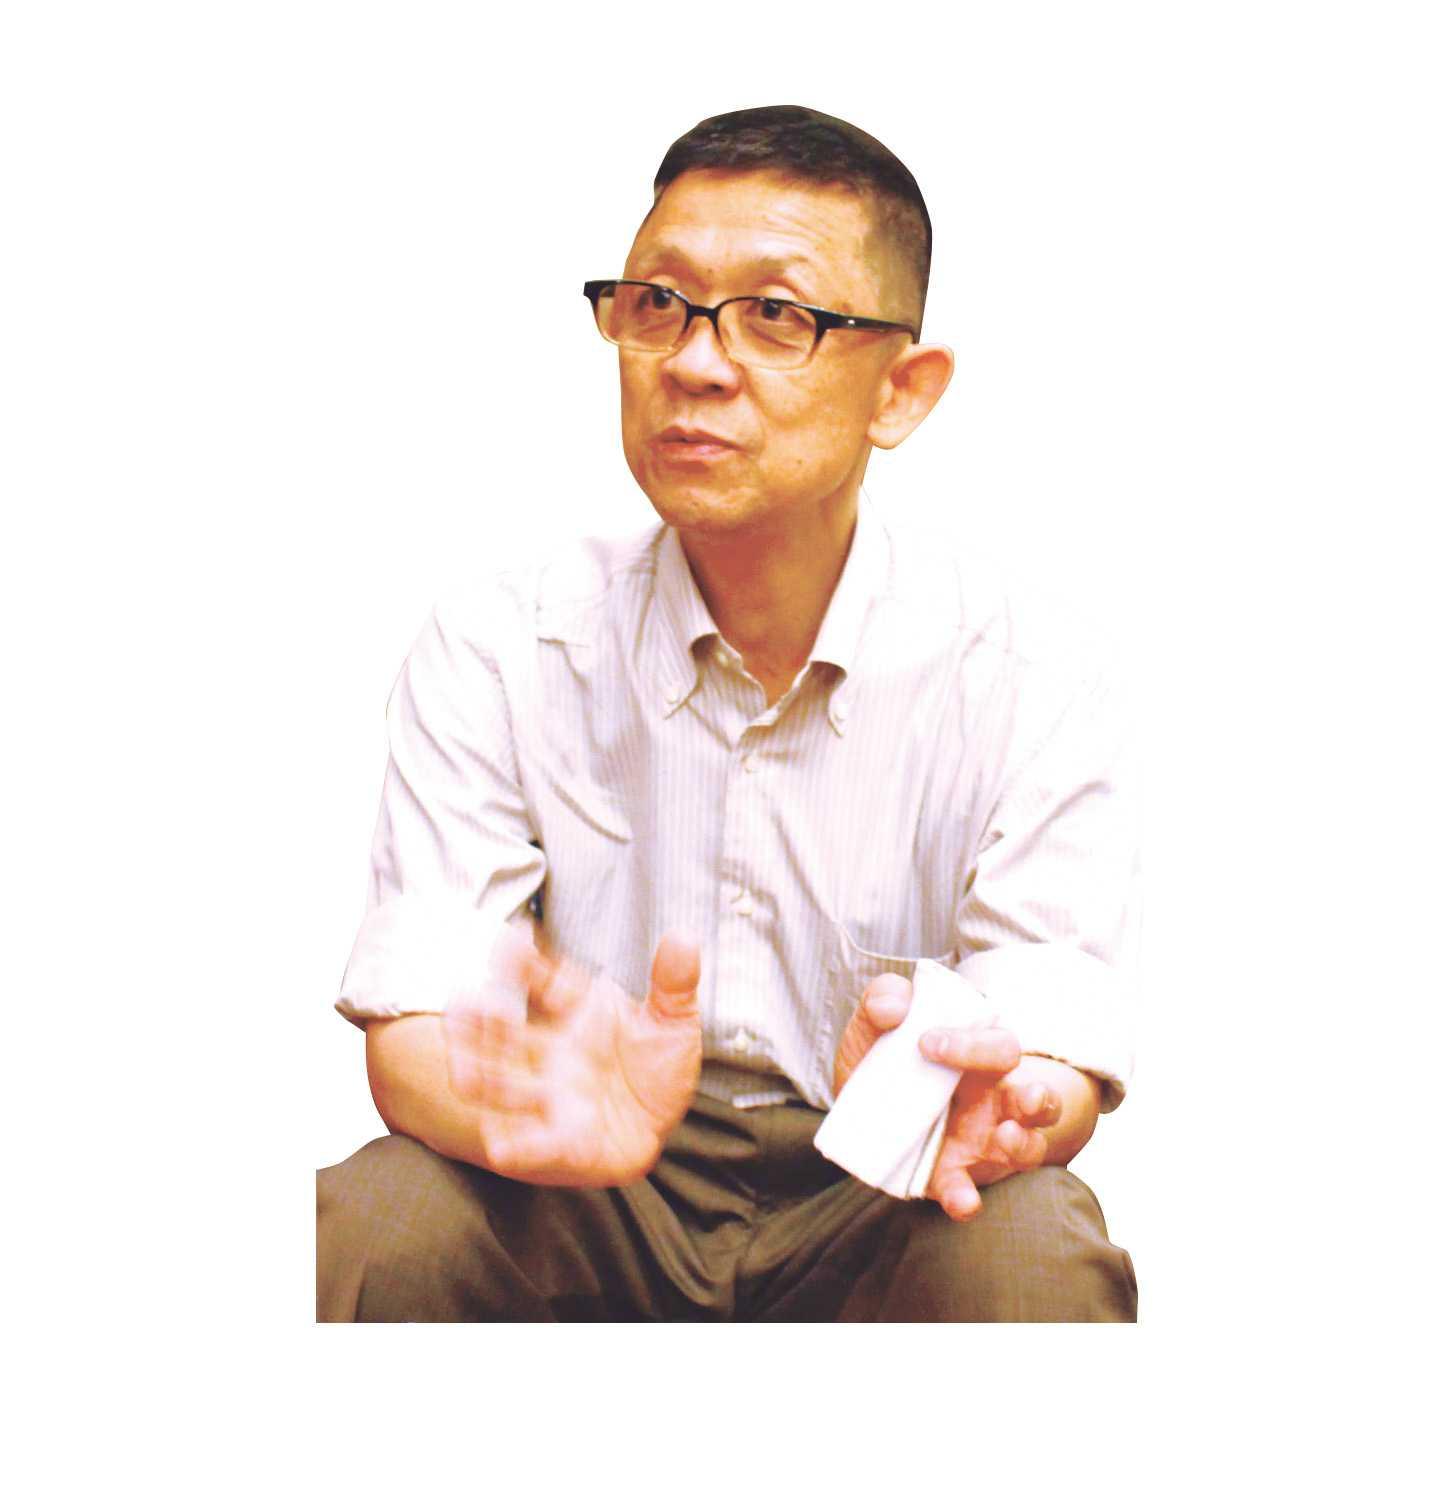 中野朋儀先生 インタビュー